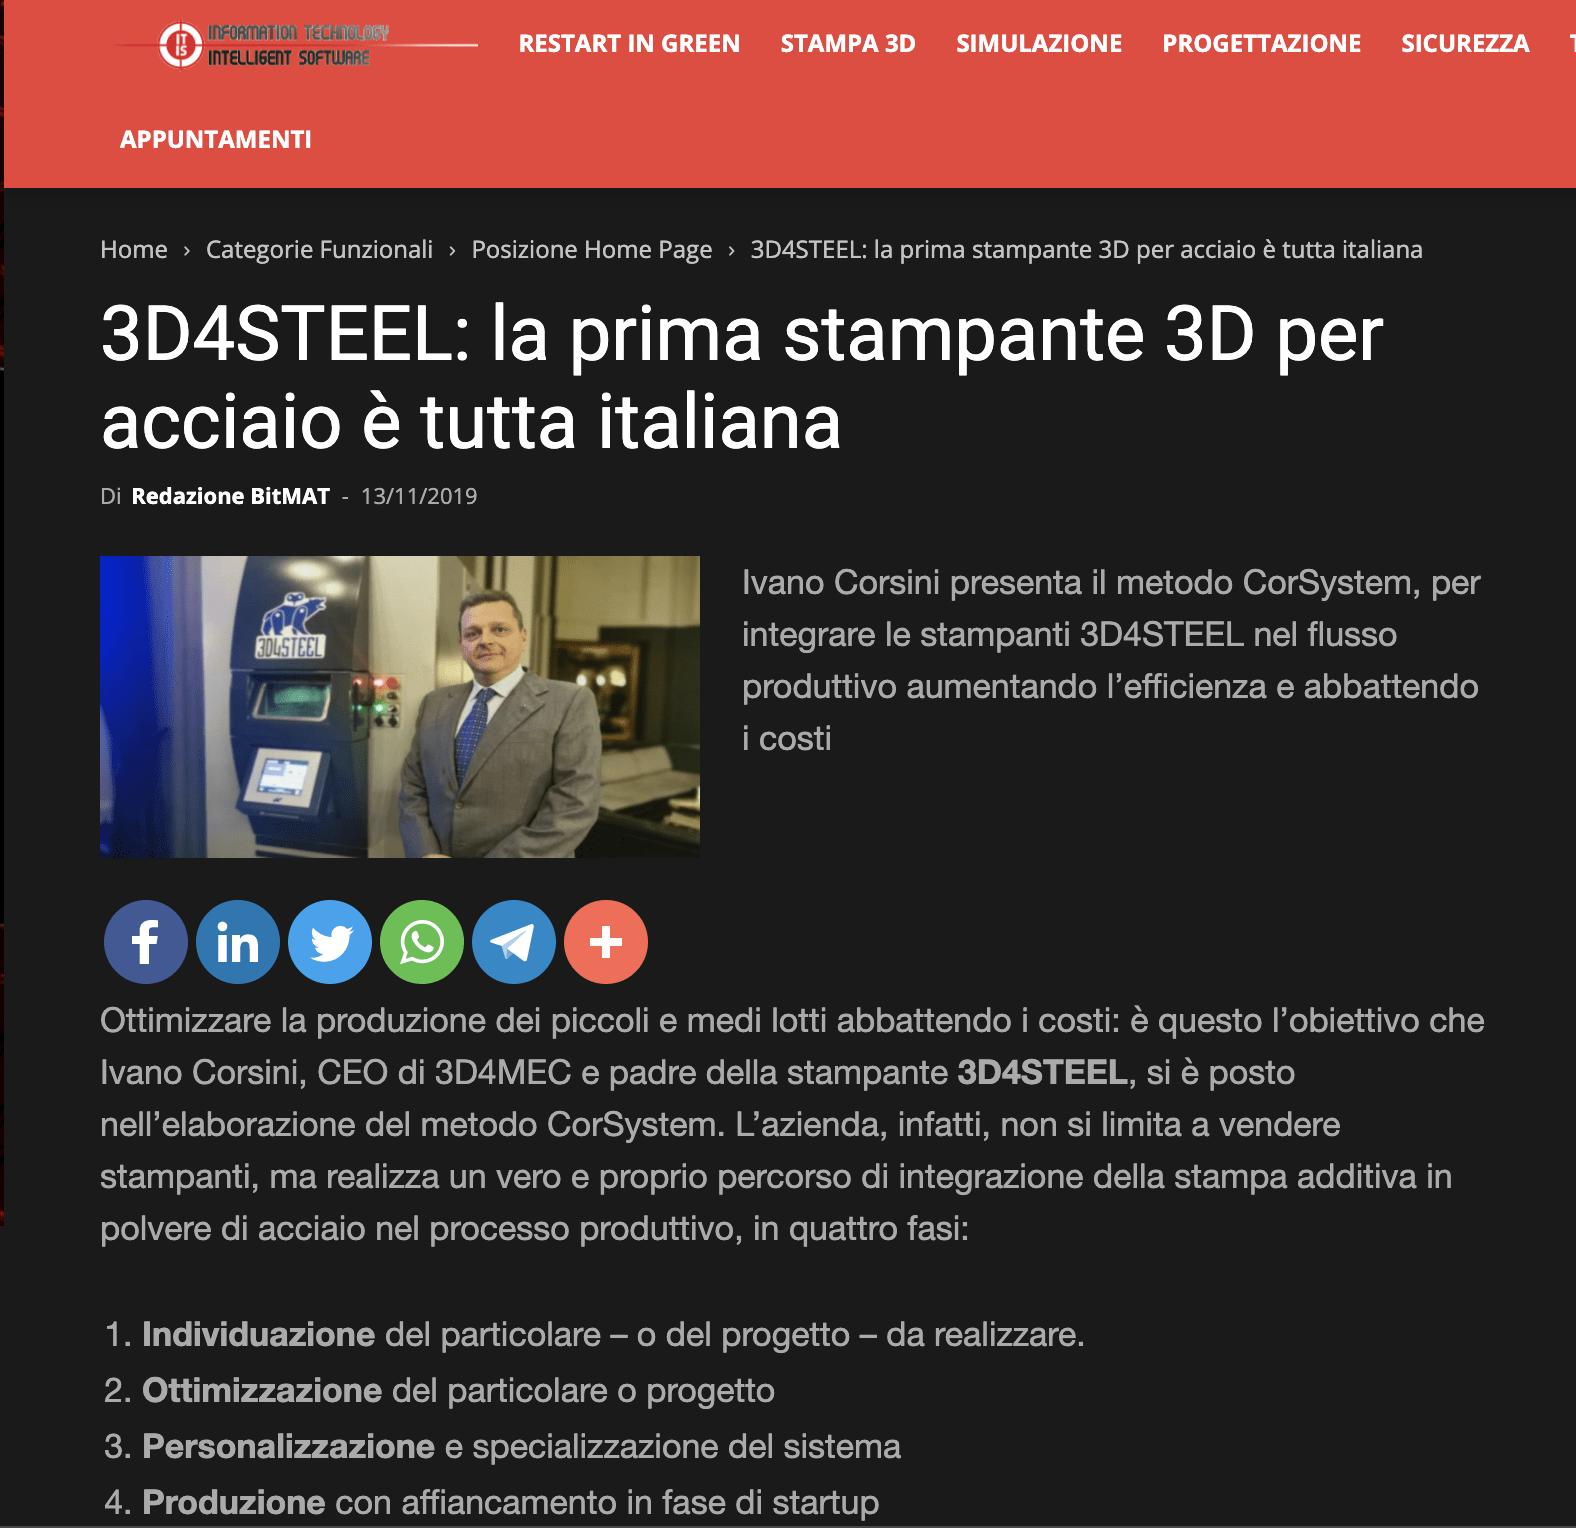 [ITIS Magazine] 3D4STEEL: la prima stampante 3D per acciaio è tutta italiana